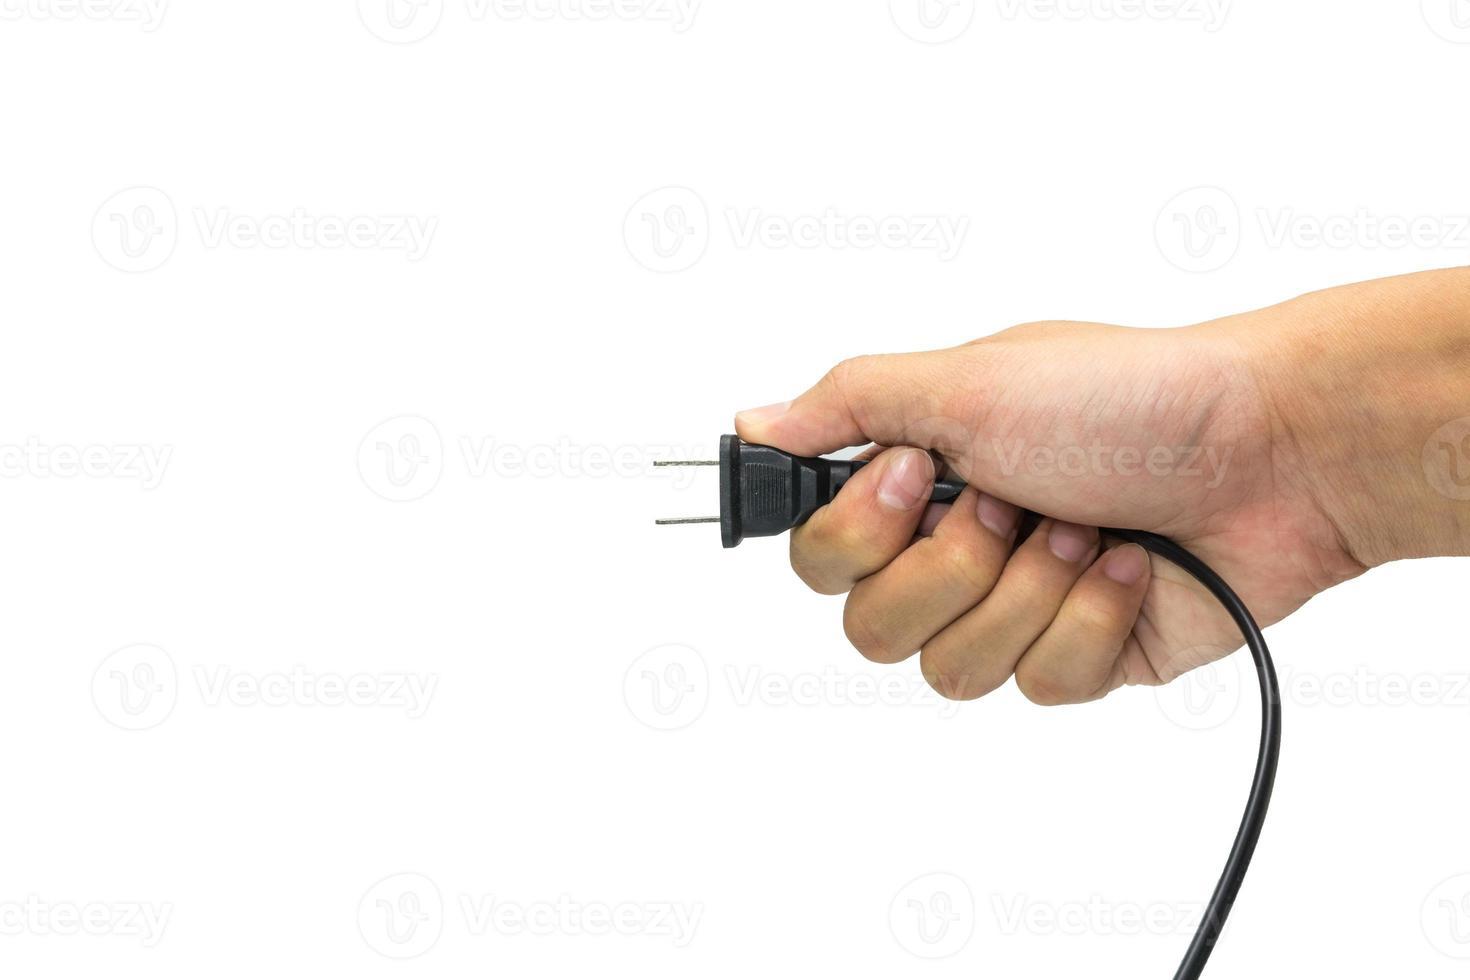 prise noire tenait à la main sur fond blanc. 2 photo